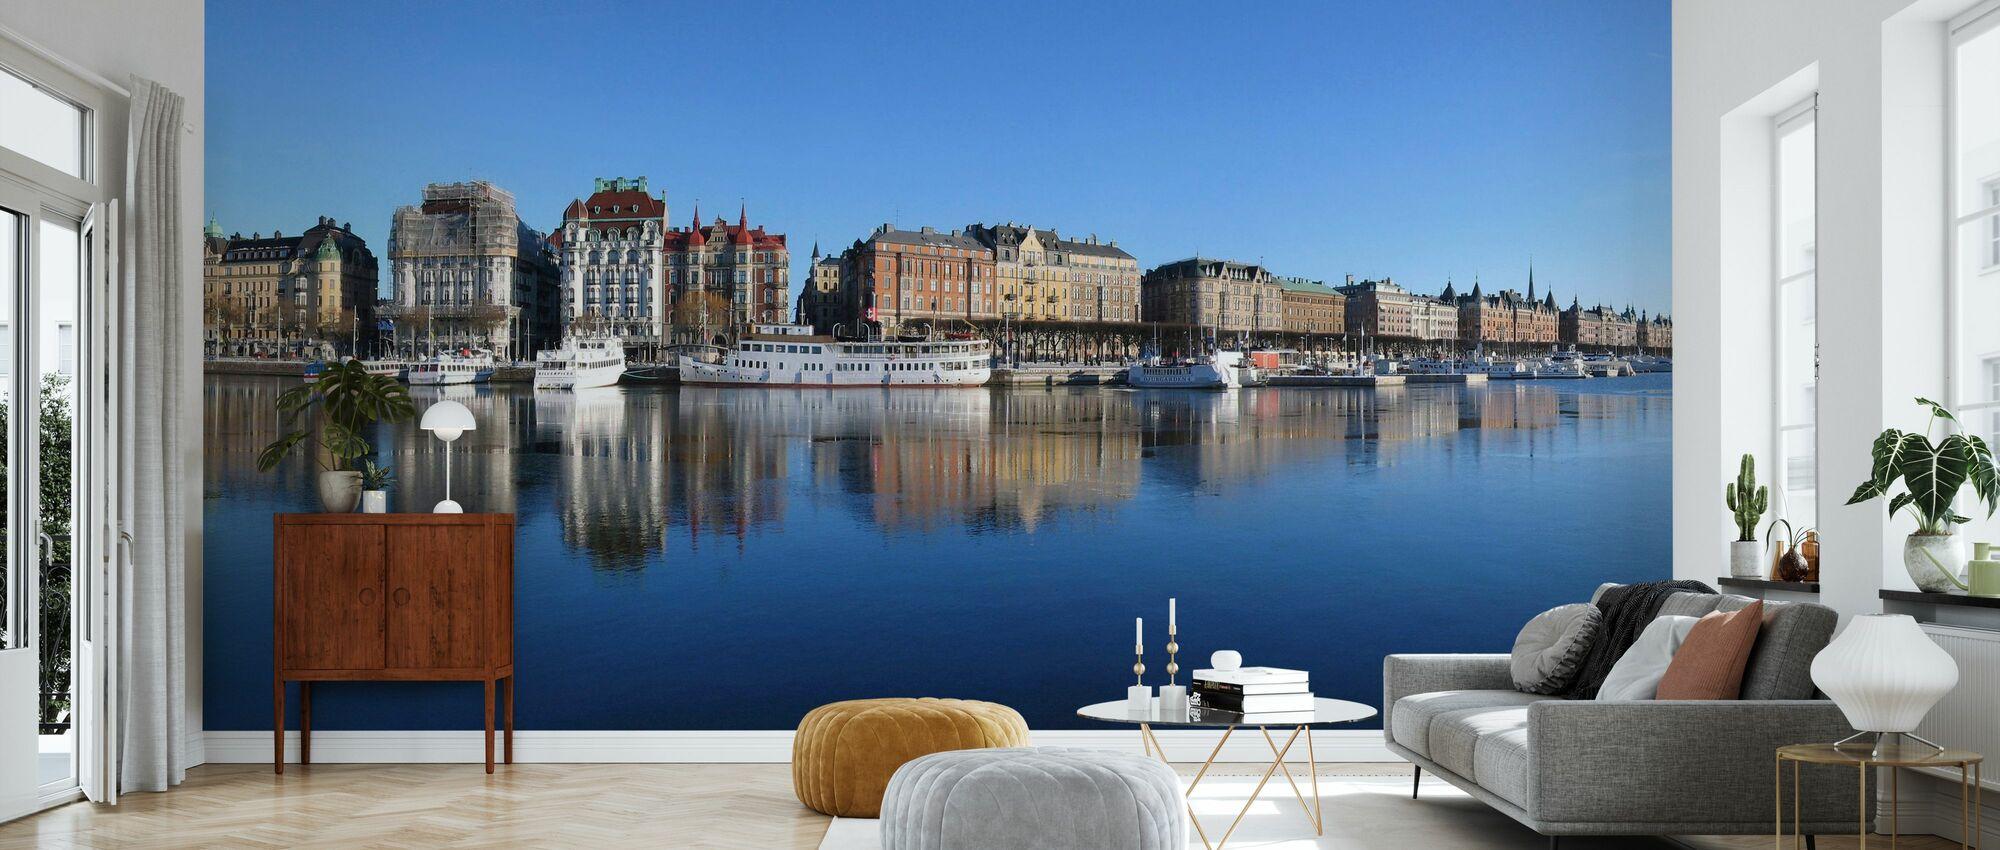 Stockholm Skyline, Sweden - Wallpaper - Living Room